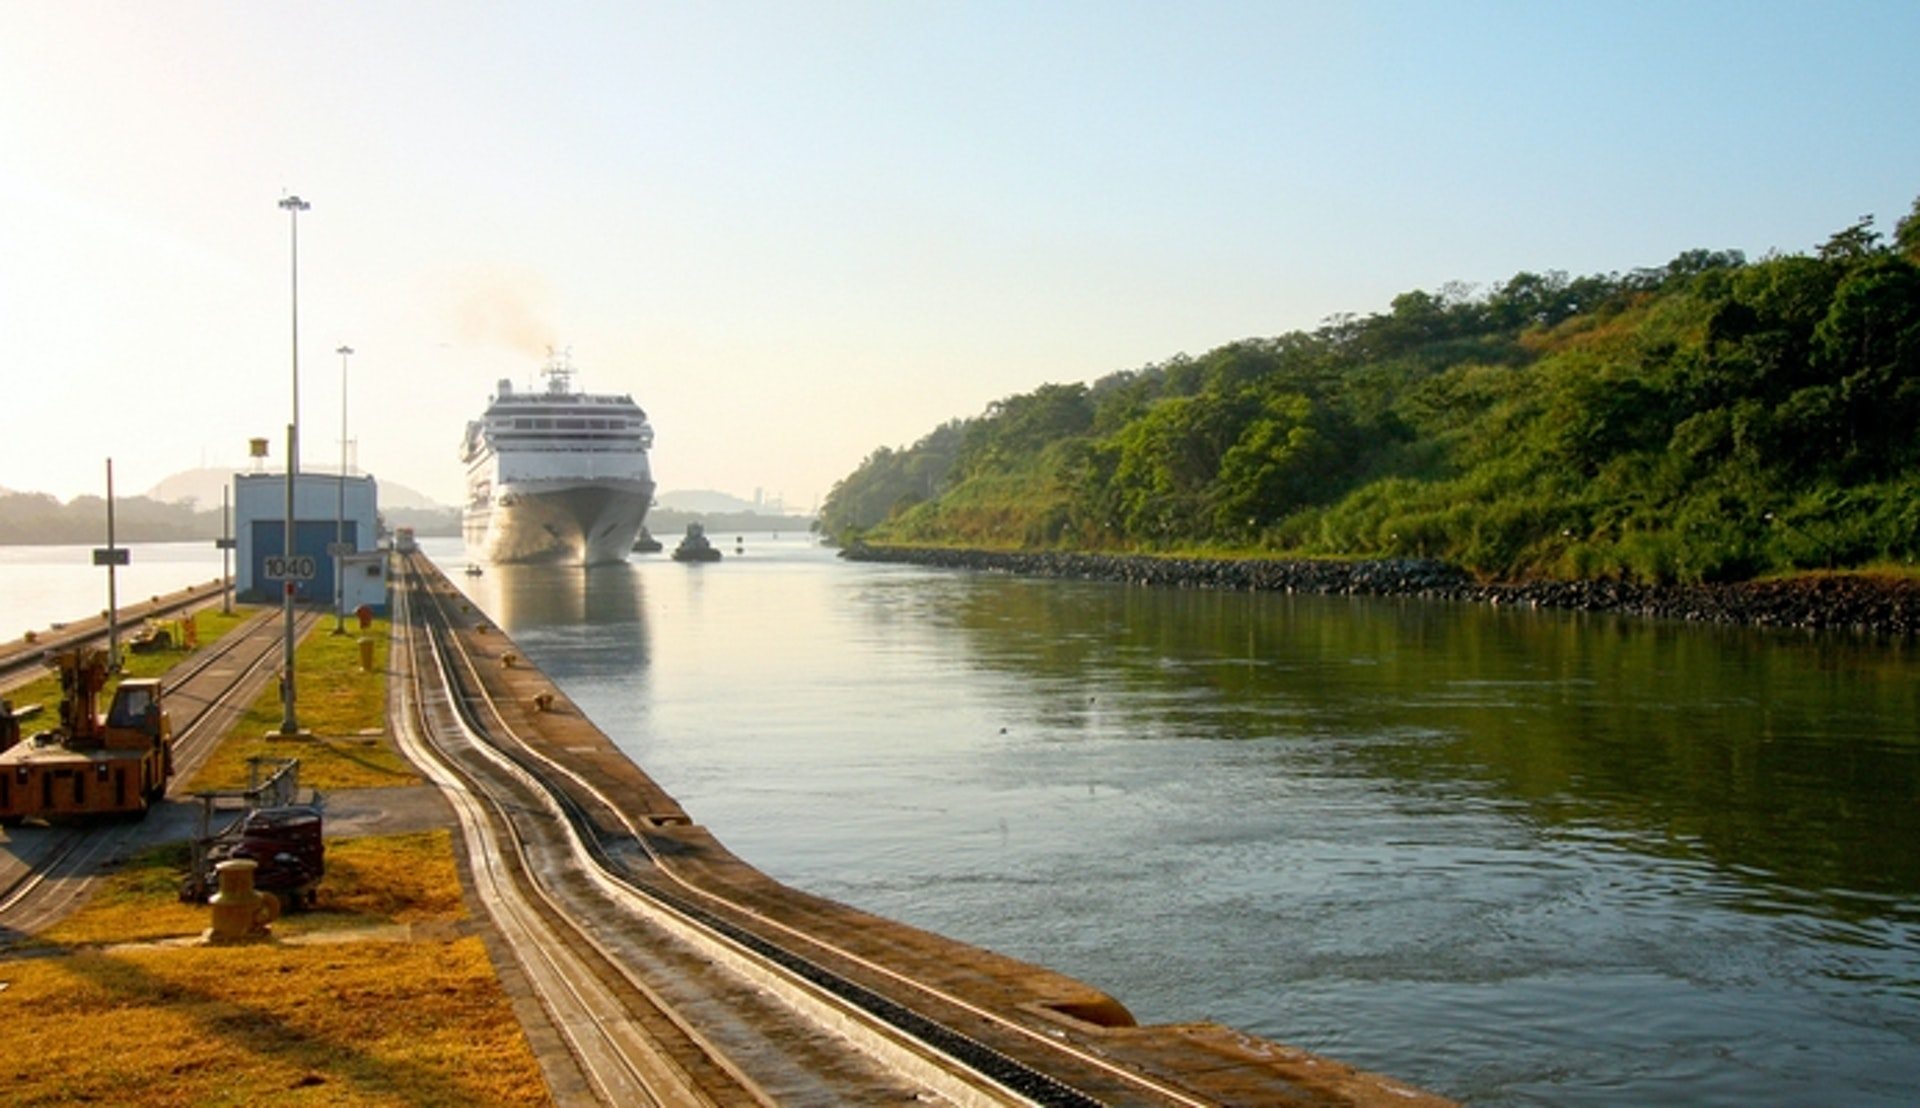 Kryssning från San Fransisco genom Panamakanalen till Florida